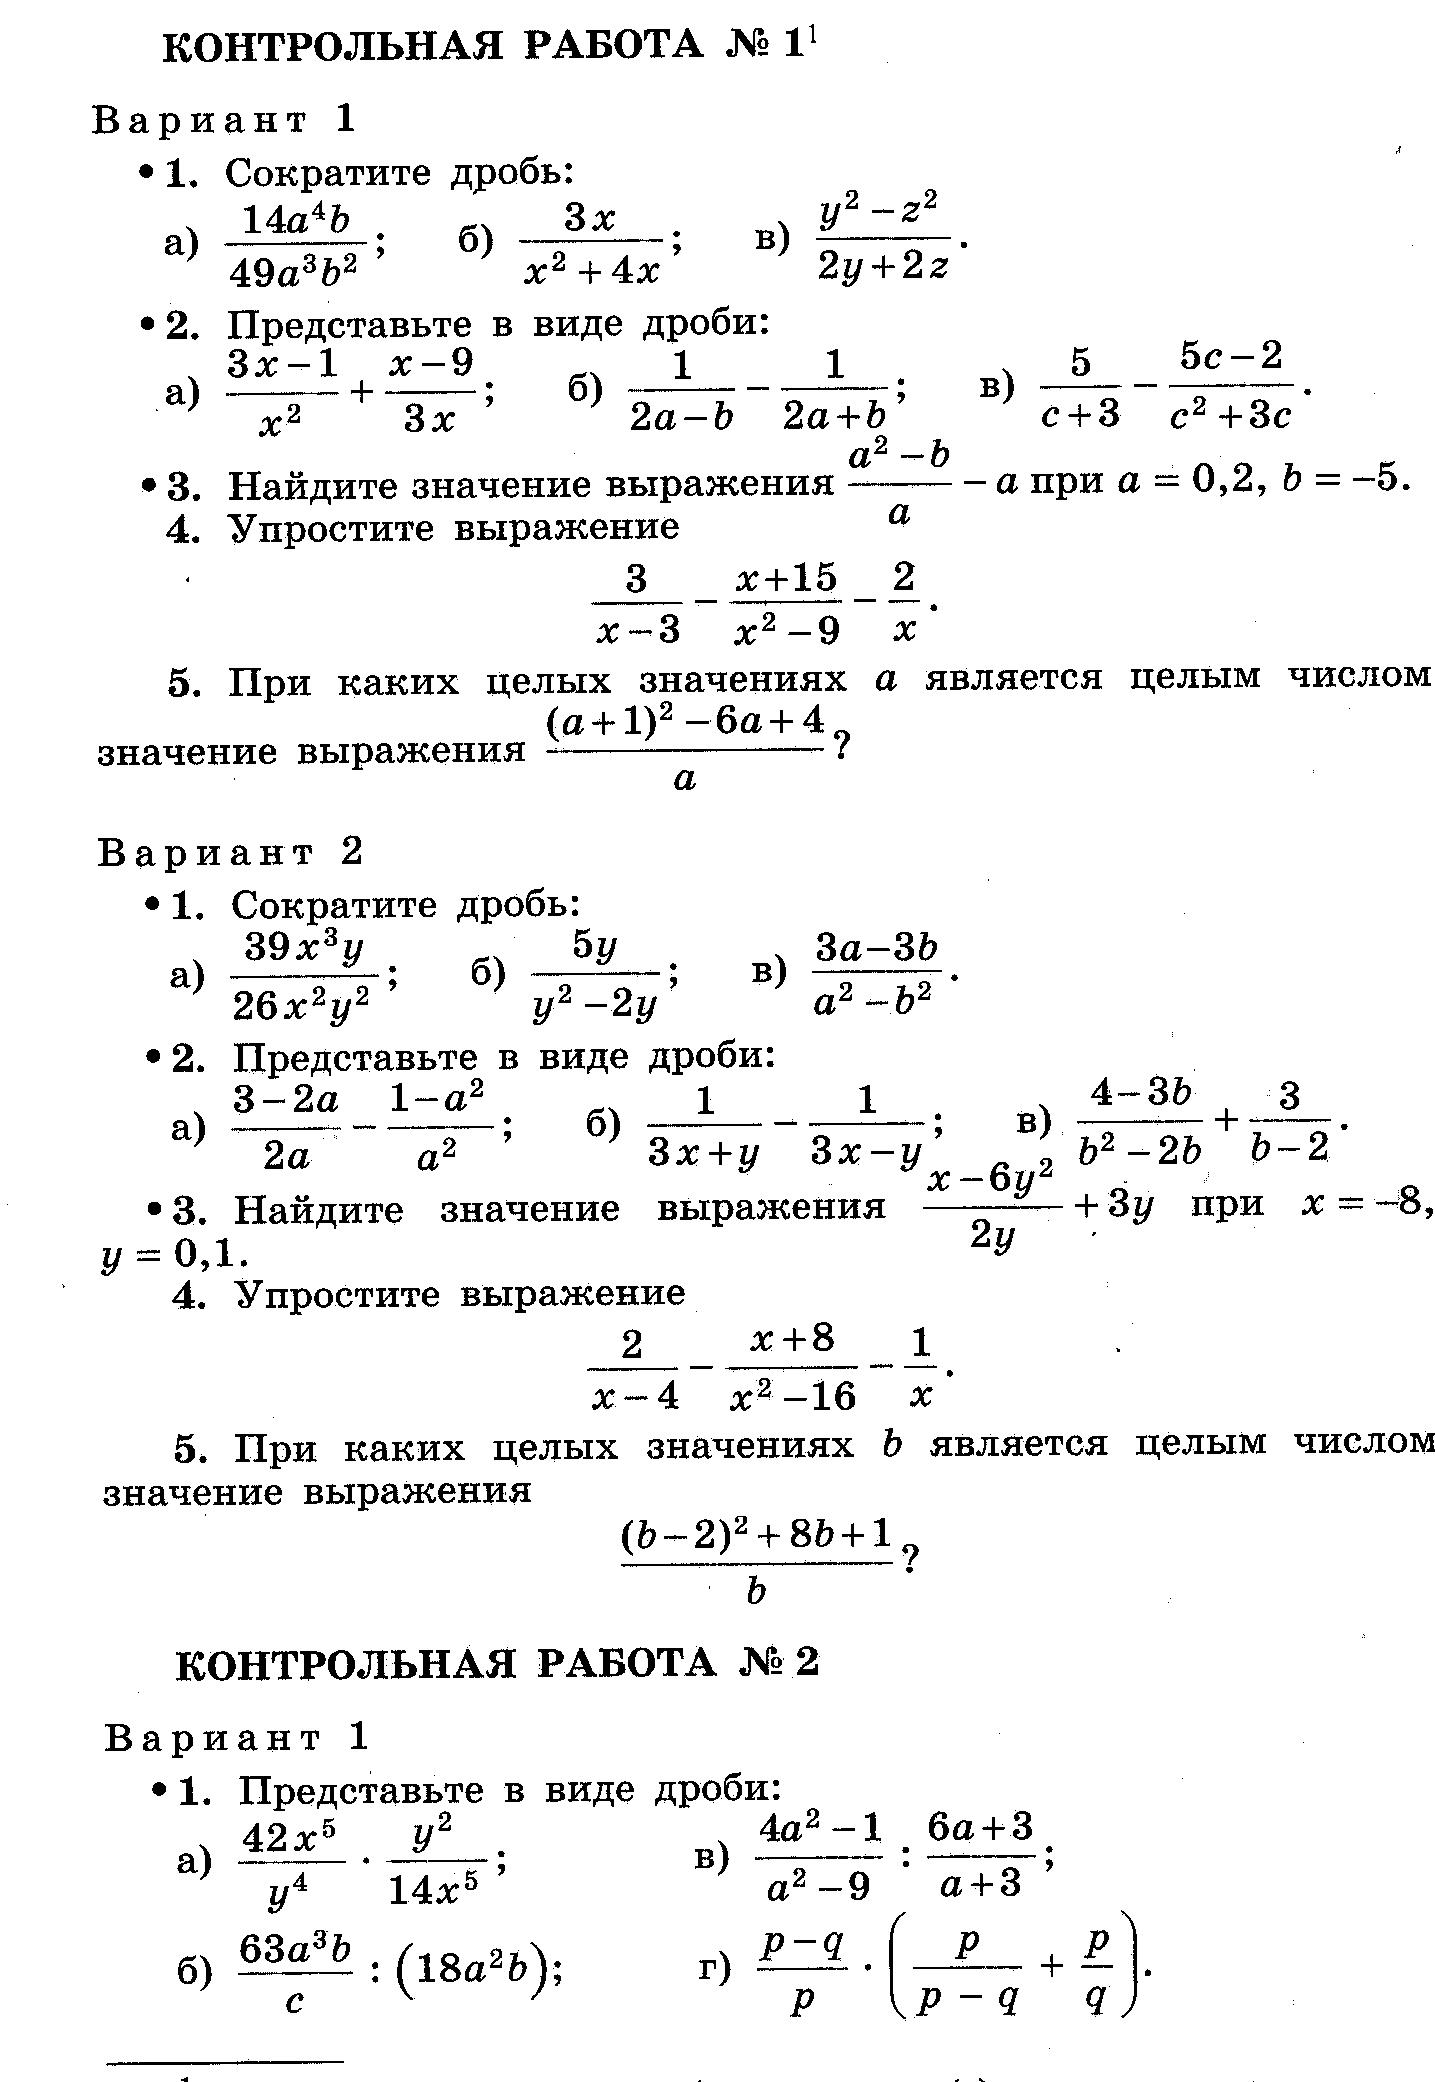 Контрольная работа по алгебре 9 класс за 1 полугодие уч макарычев